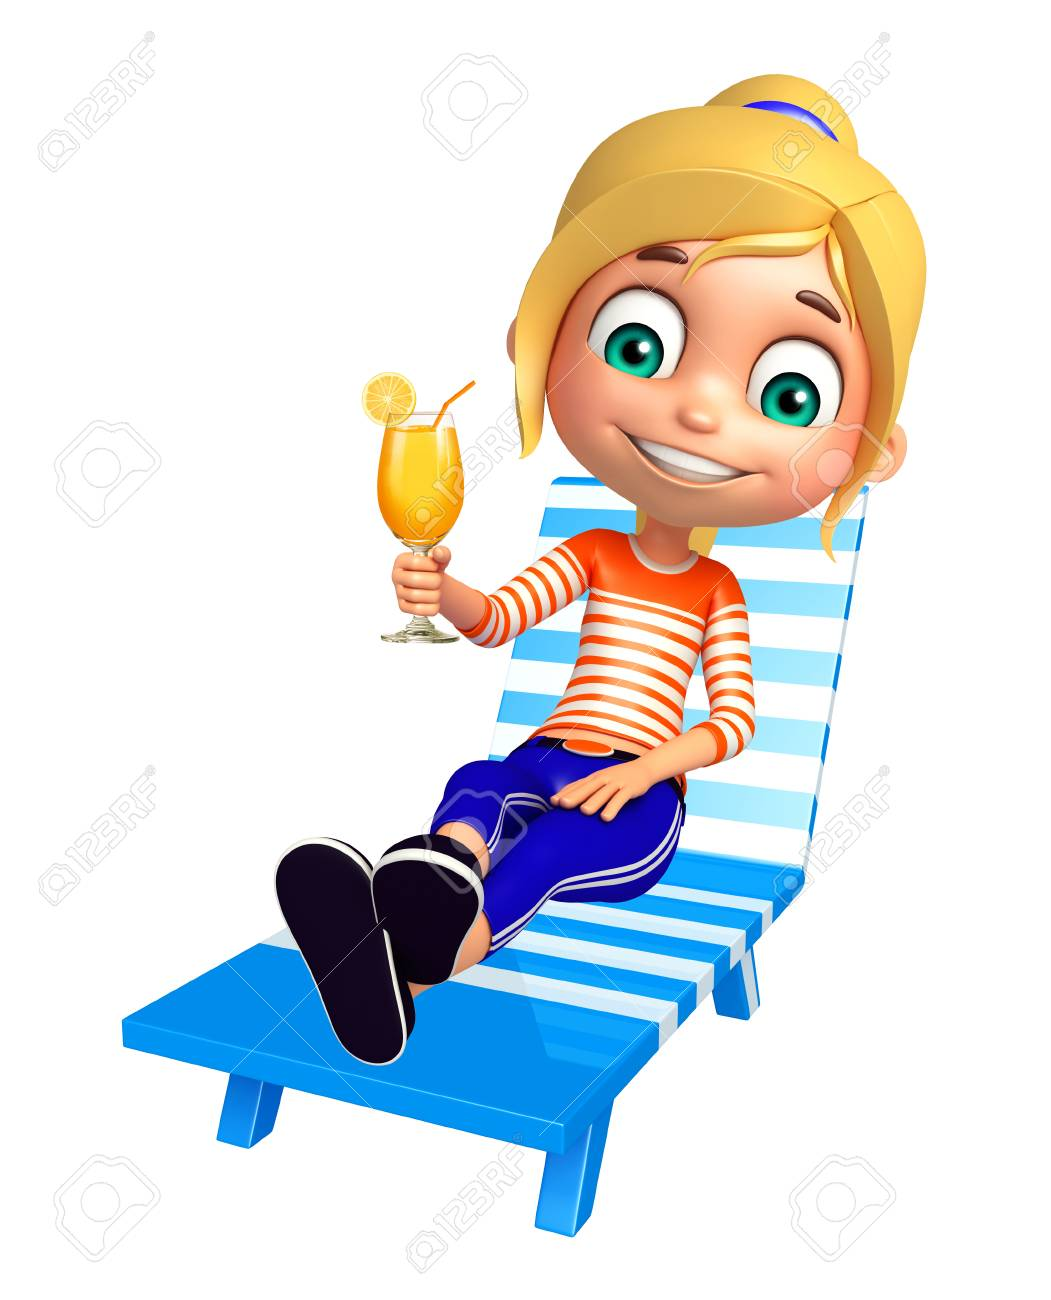 Strandkorb clipart  Kind Mädchen Mit Strandkorb Und Saftglas Lizenzfreie Fotos, Bilder ...